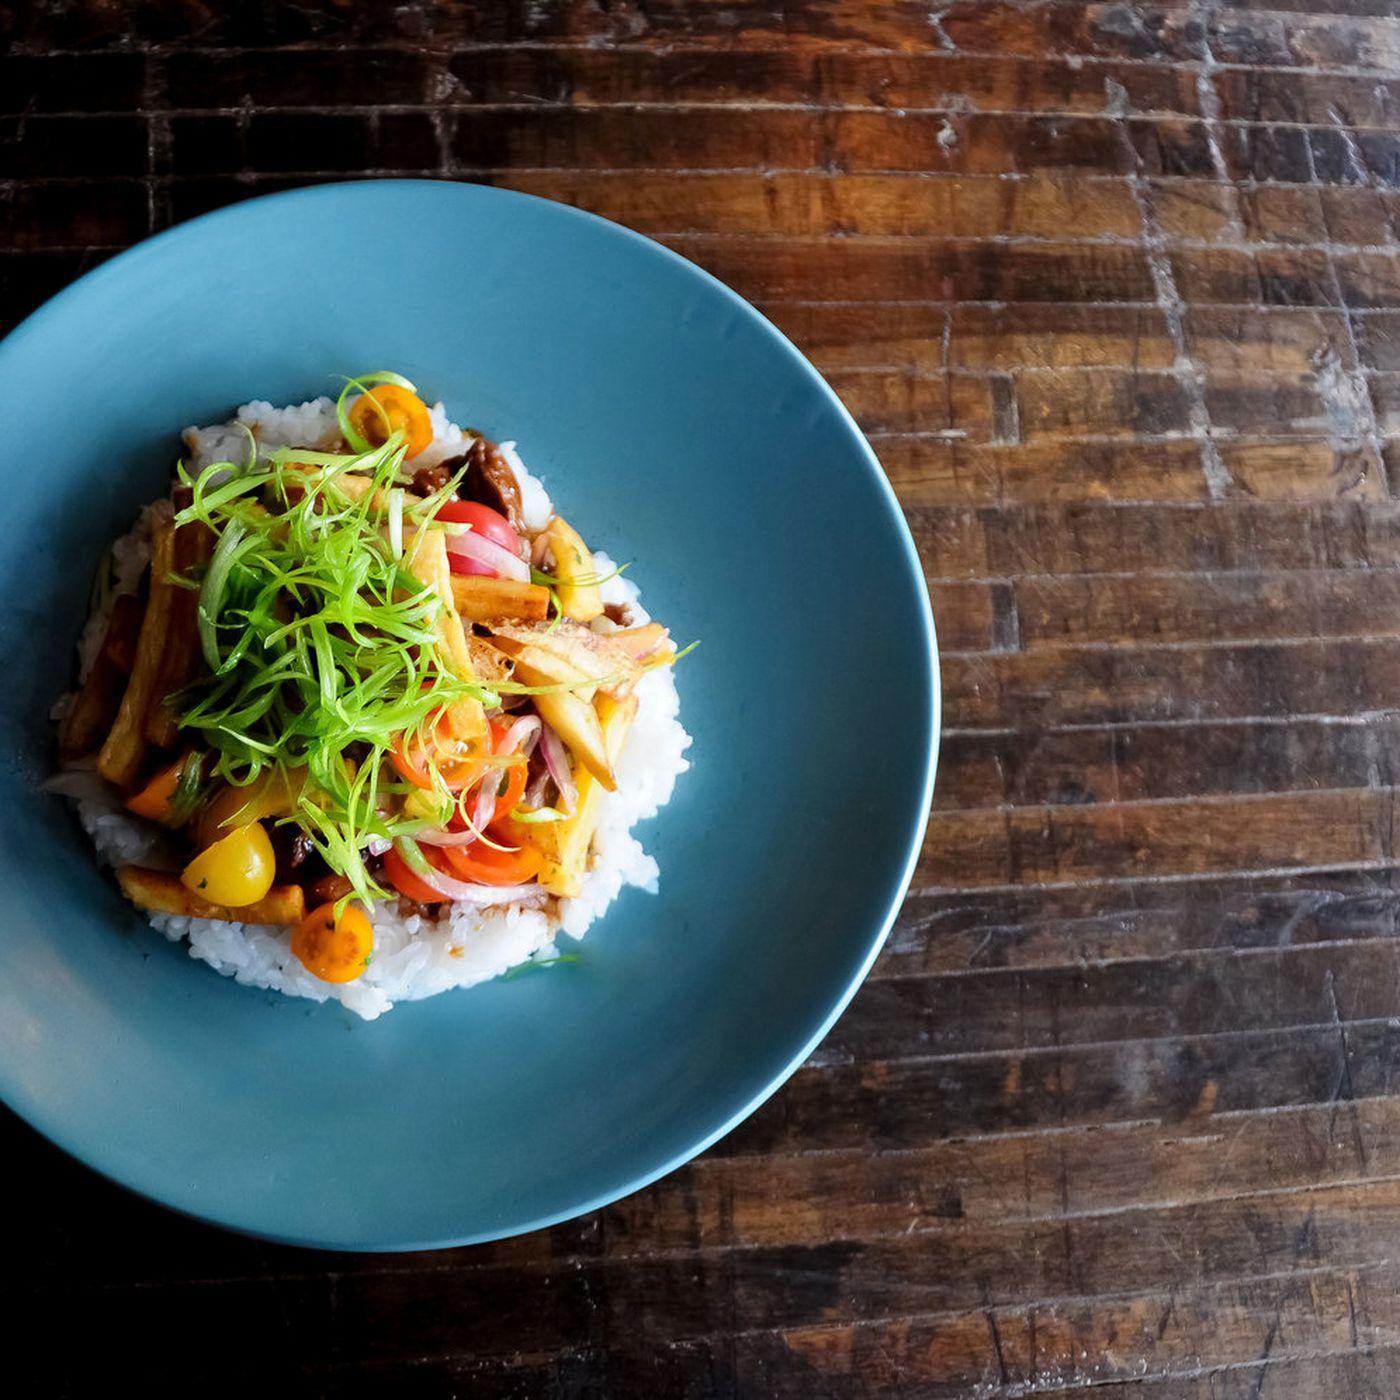 Candela Latin Kitchen Abruptly Closes - Eater Denver